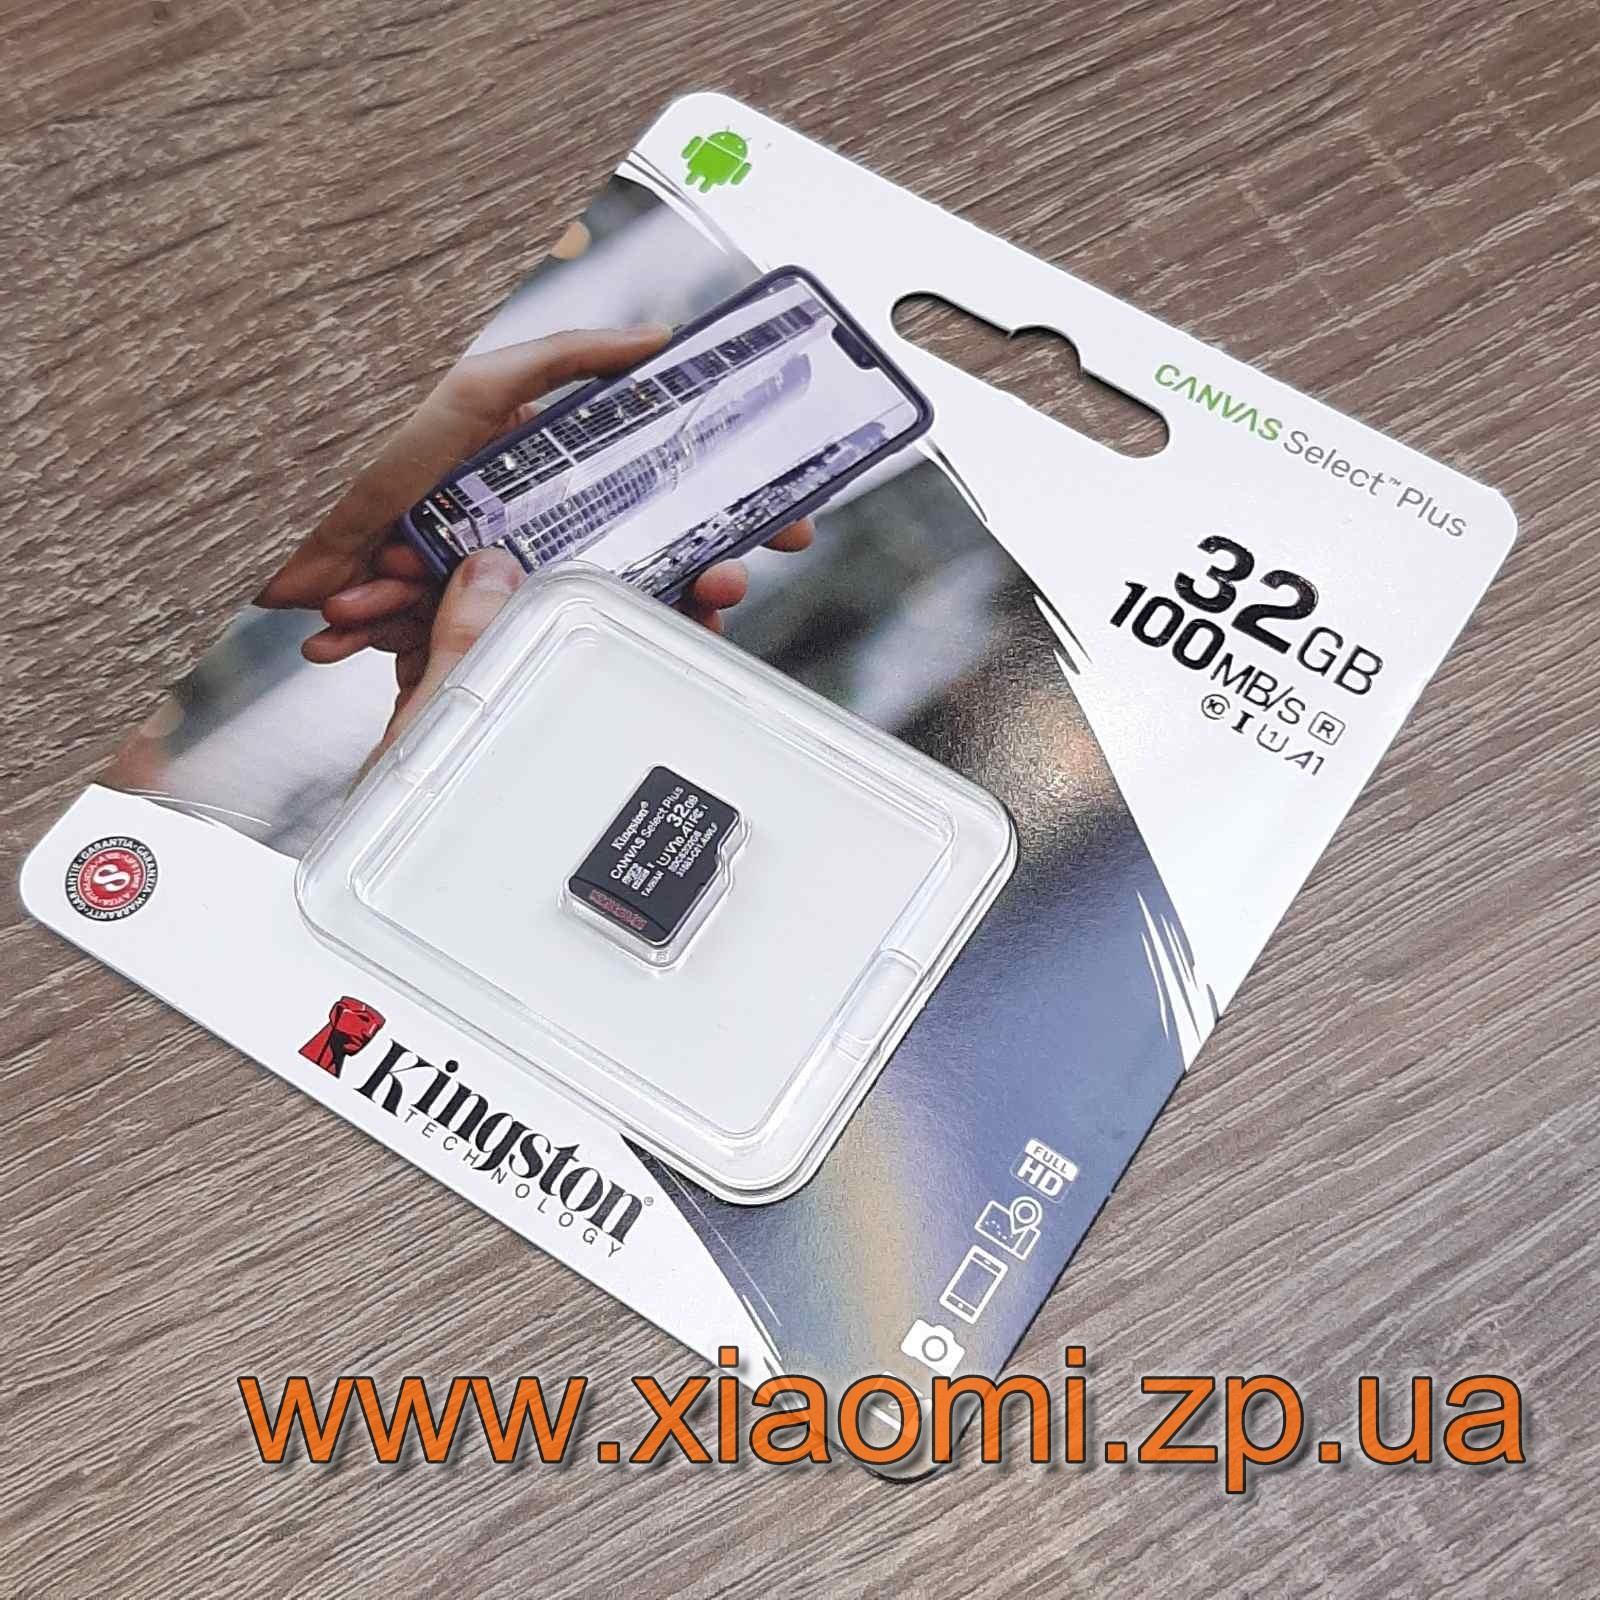 Карта памяти MicroSD 32Gb для телефона XIaomi